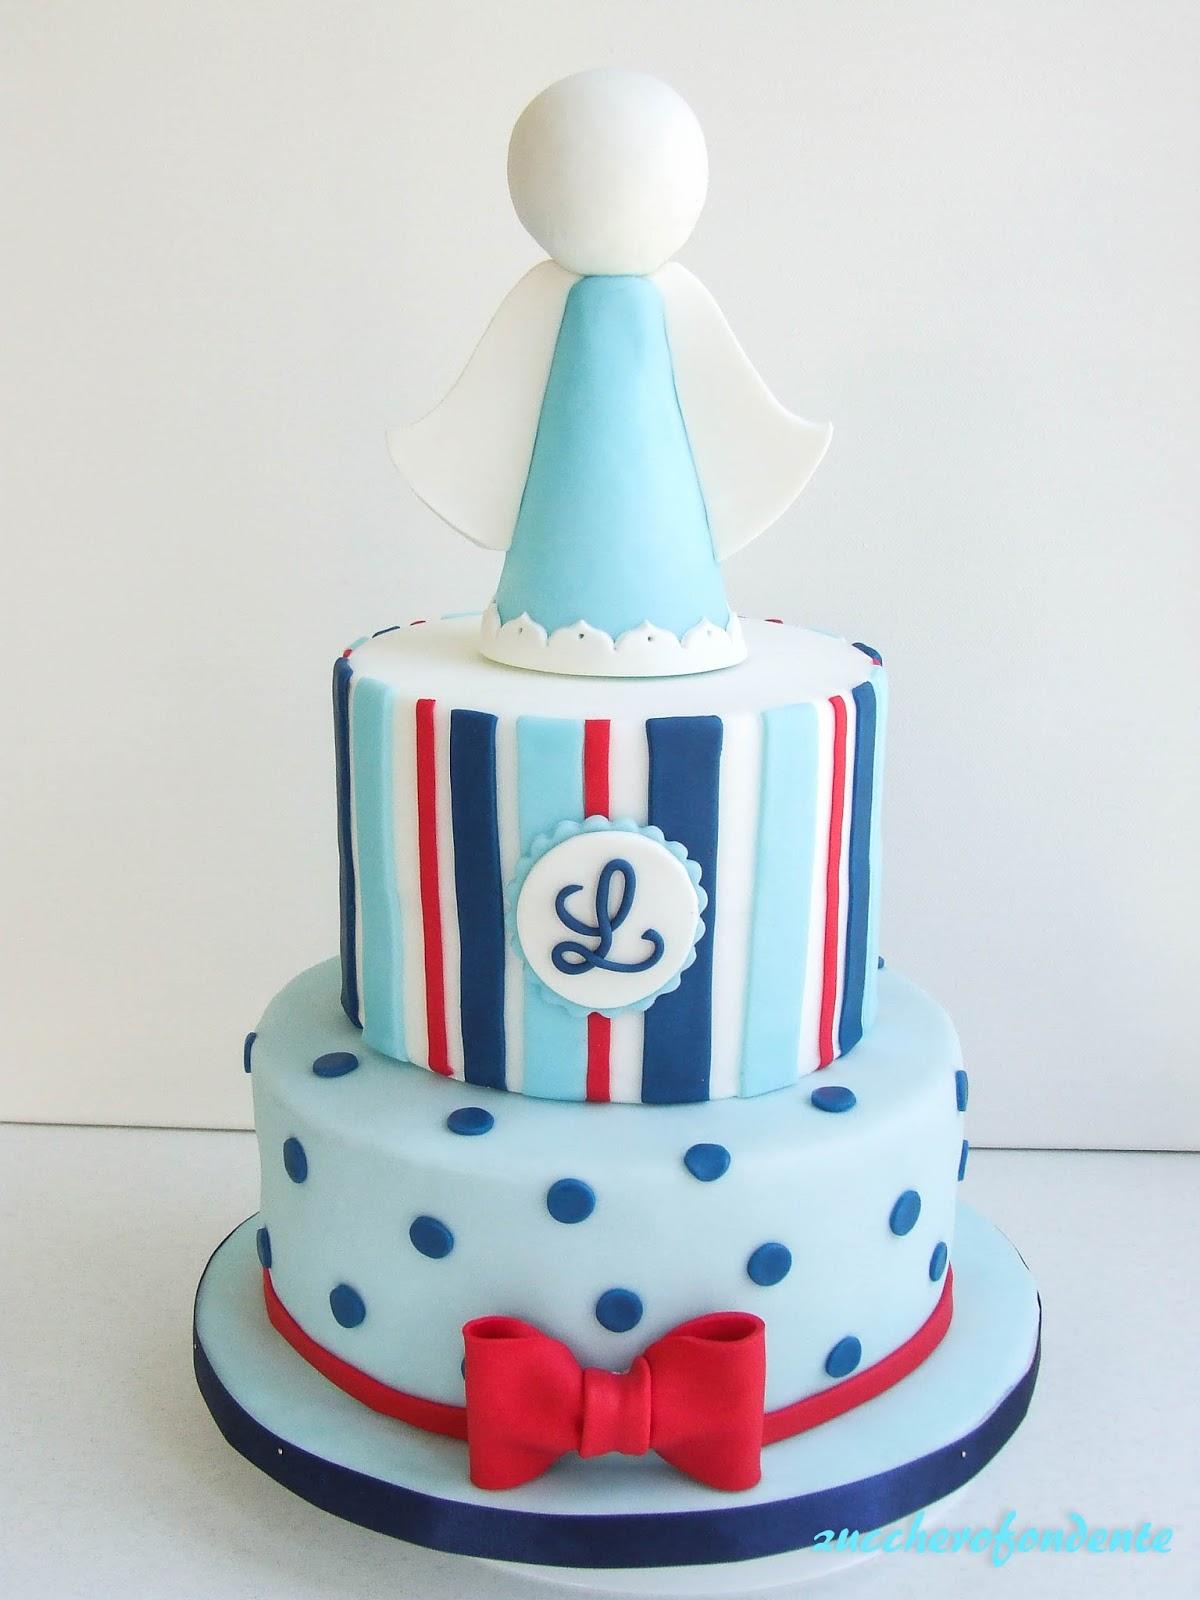 Tante idee per un baby shower: torte decorate per bambine